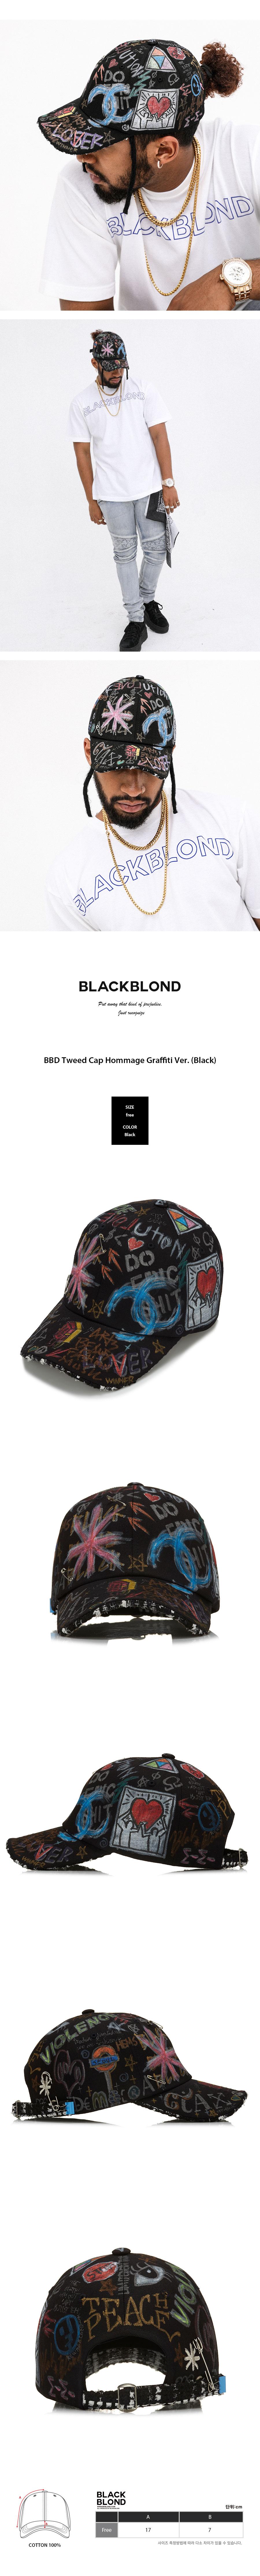 블랙블론드 BLACKBLOND - BBD Tweed Cap Graffiti Ver. (Black)